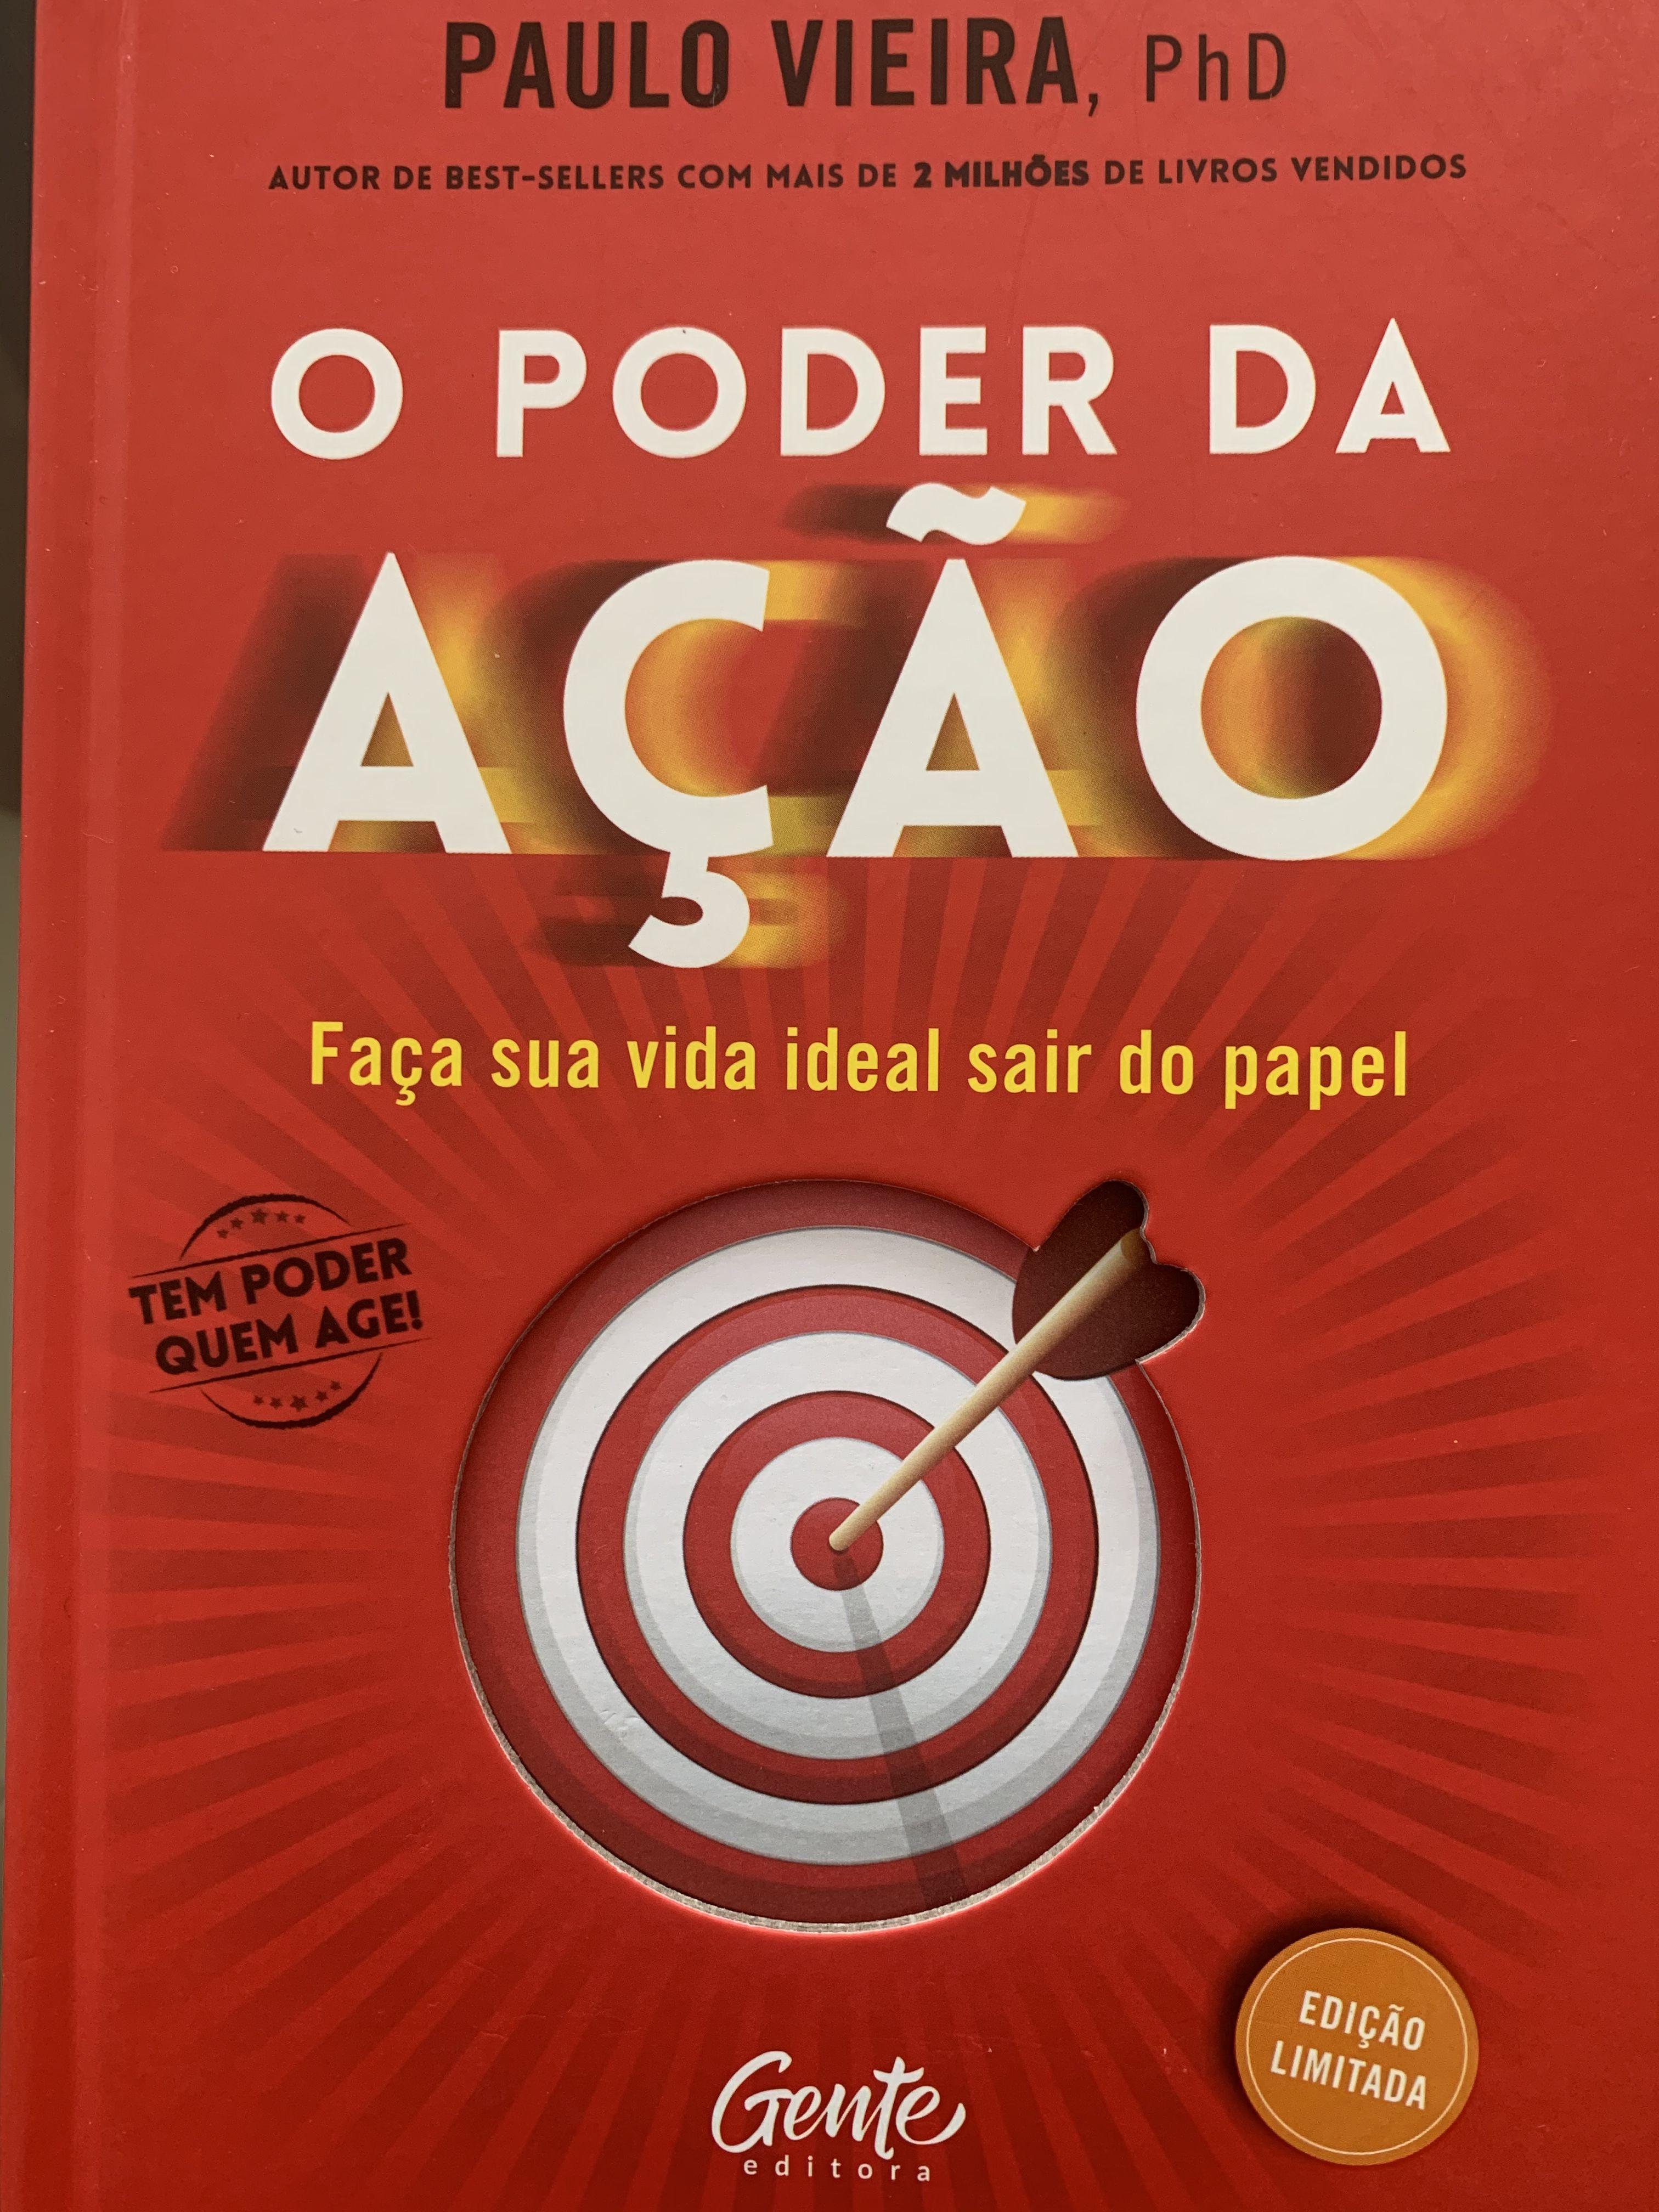 Livros Que Eu Recomendo - Total Marketing Digital ...